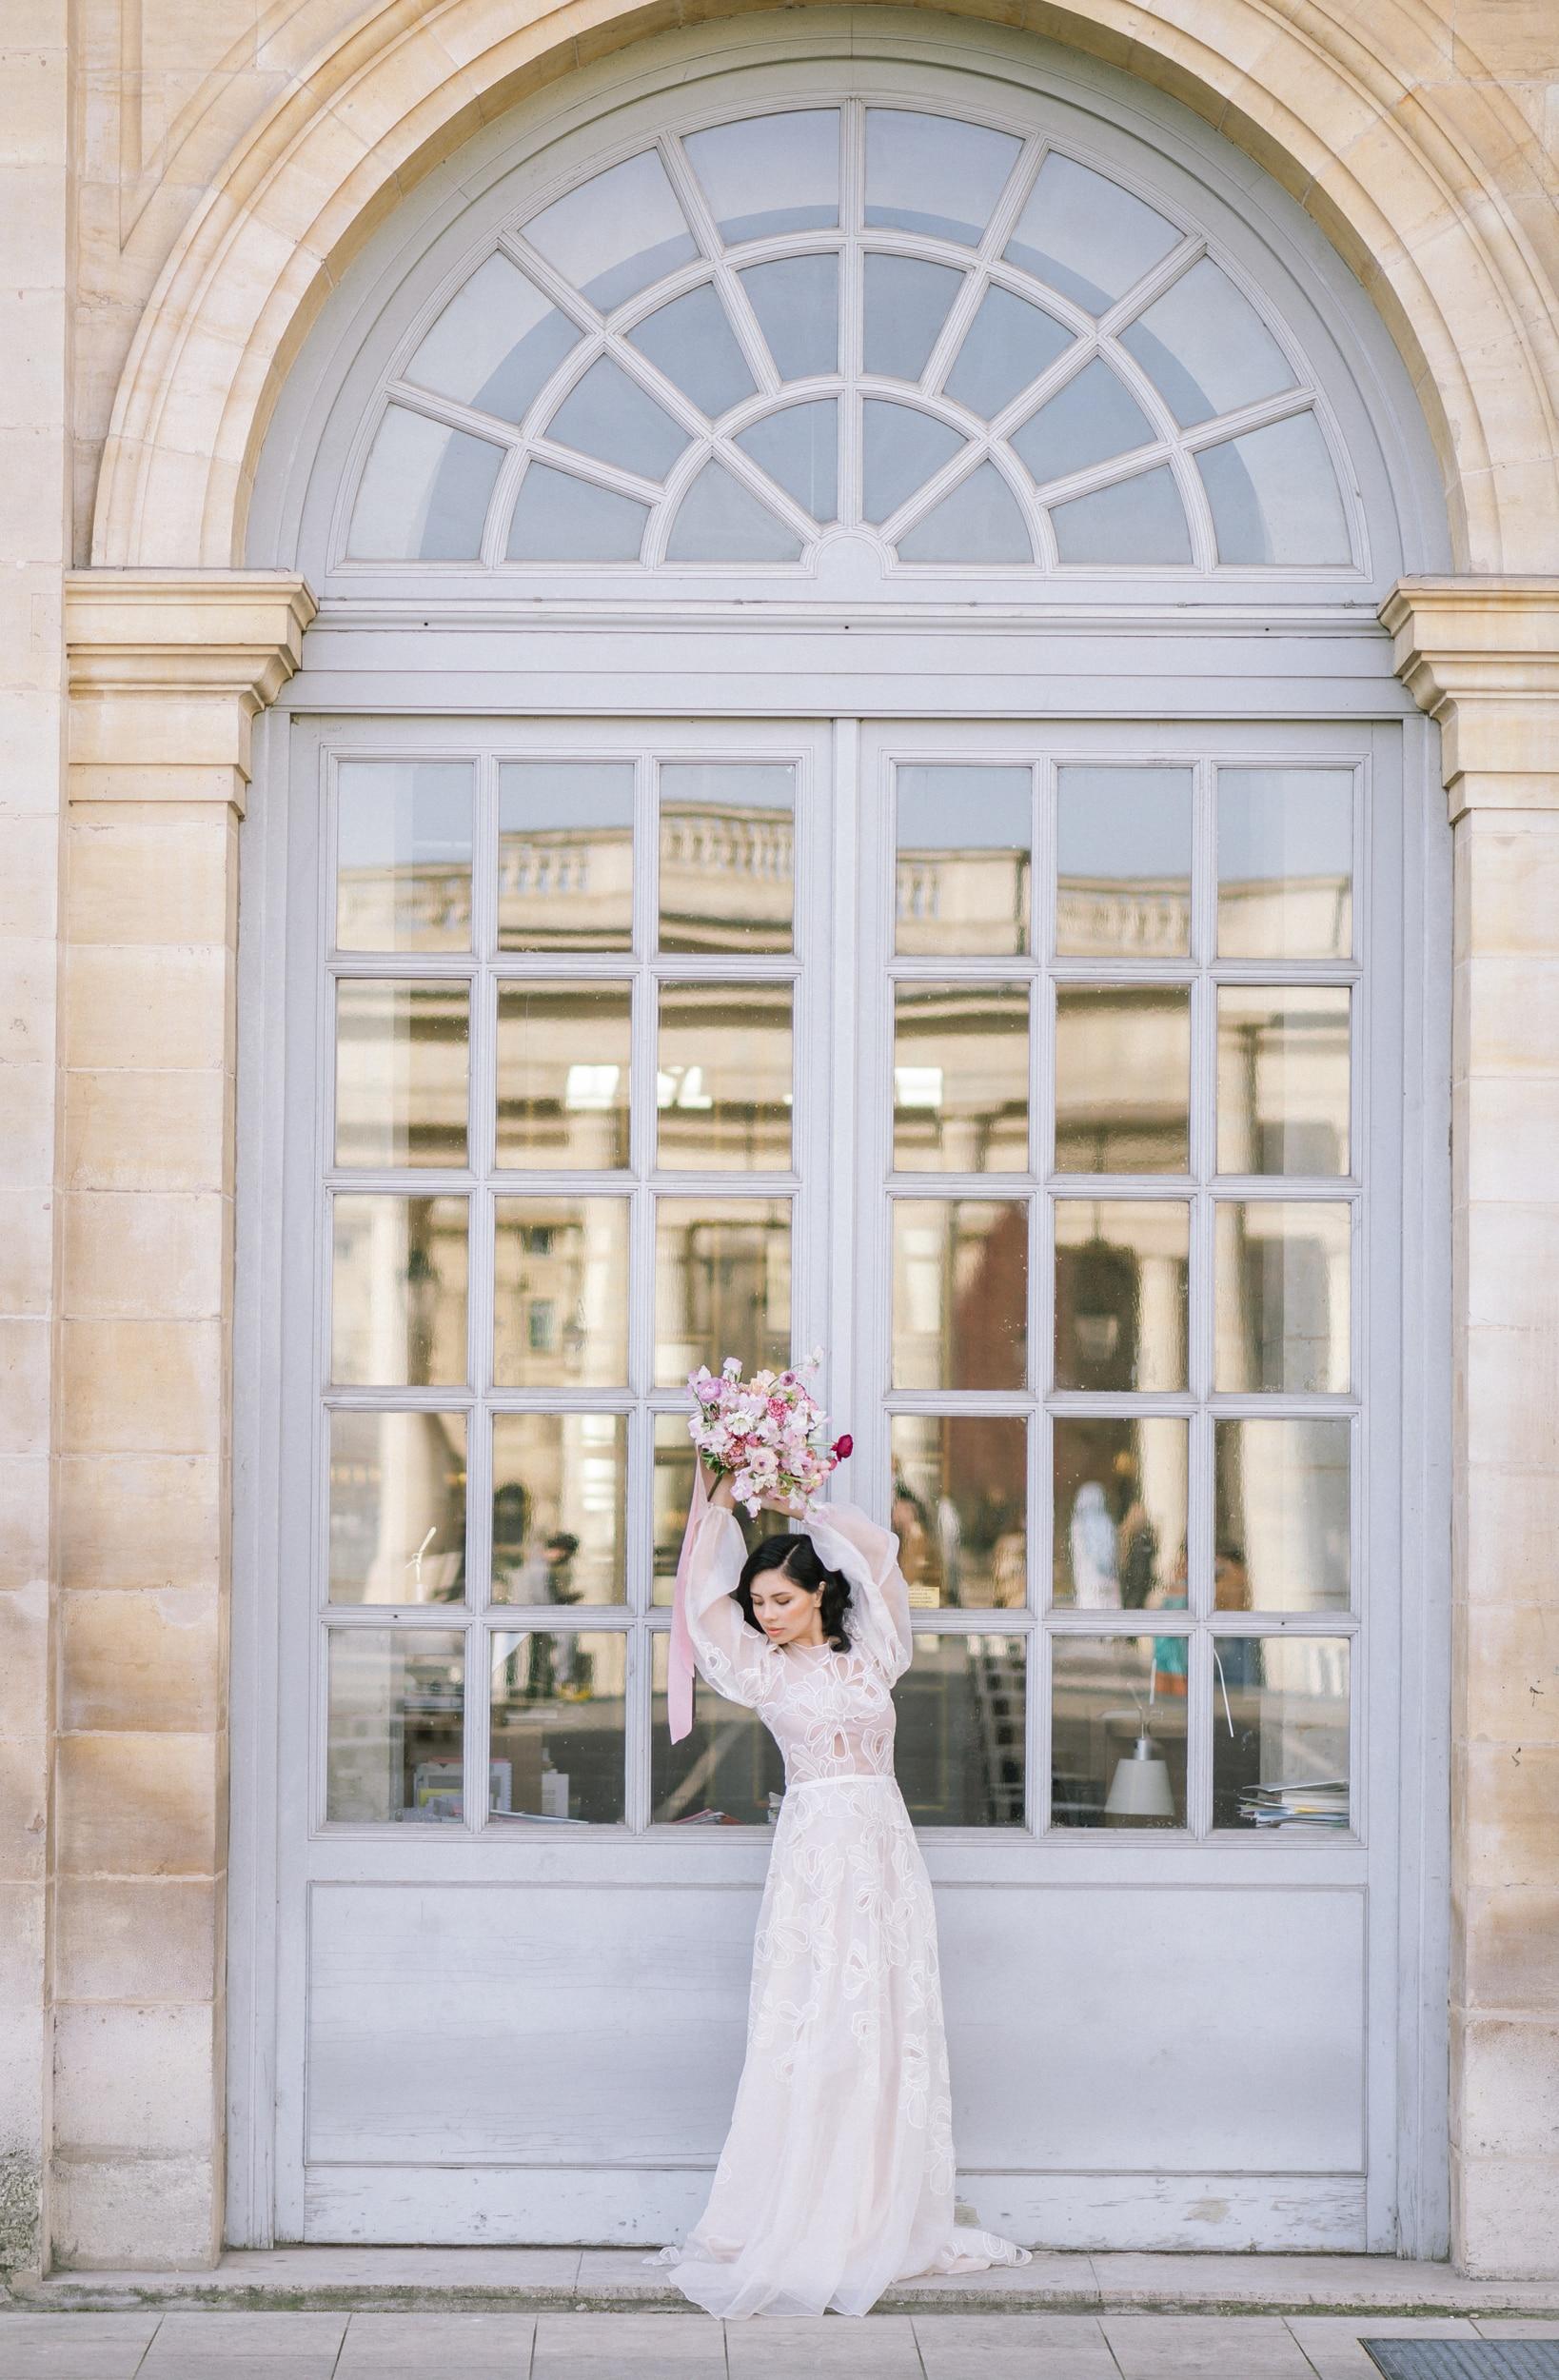 Anais-8042Photographe mariage paris louvre colonne de buren lina raziq